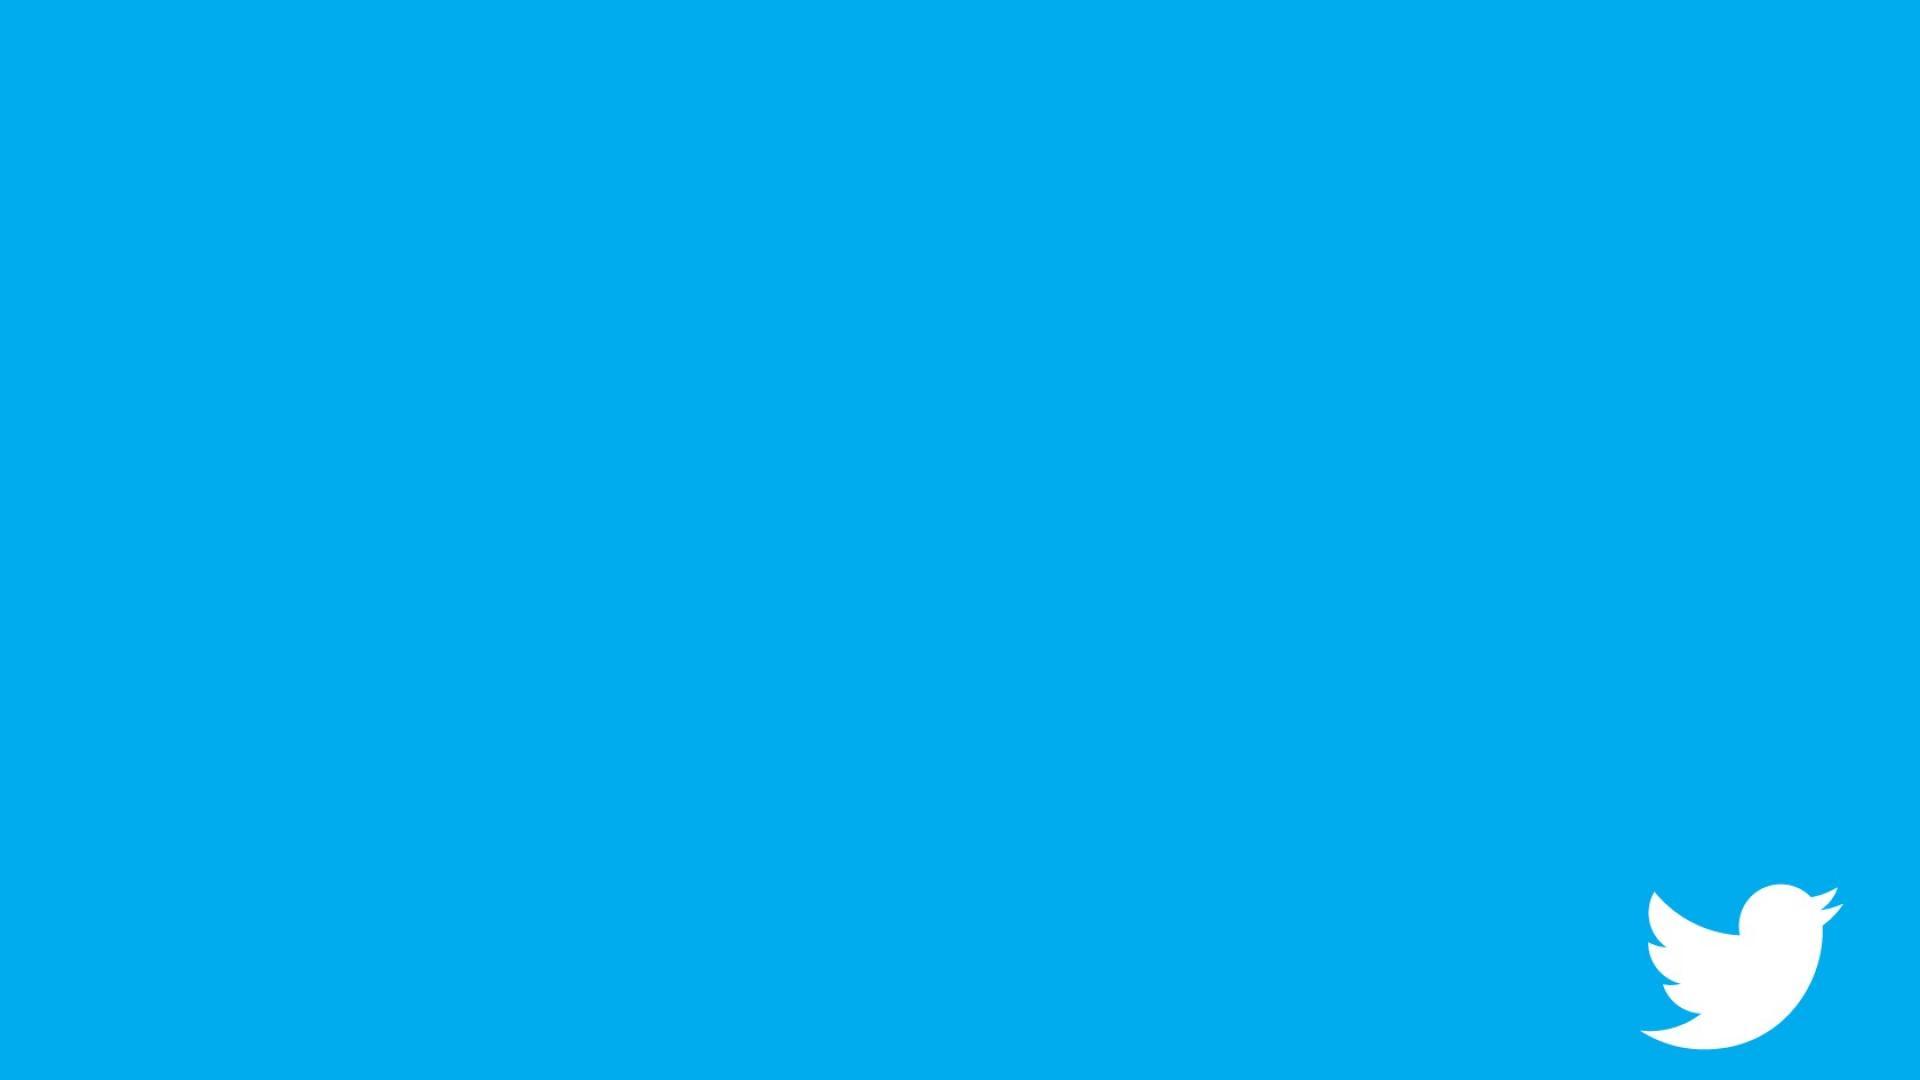 Fall Season Desktop Wallpaper Twitter Hd Backgrounds Pixelstalk Net